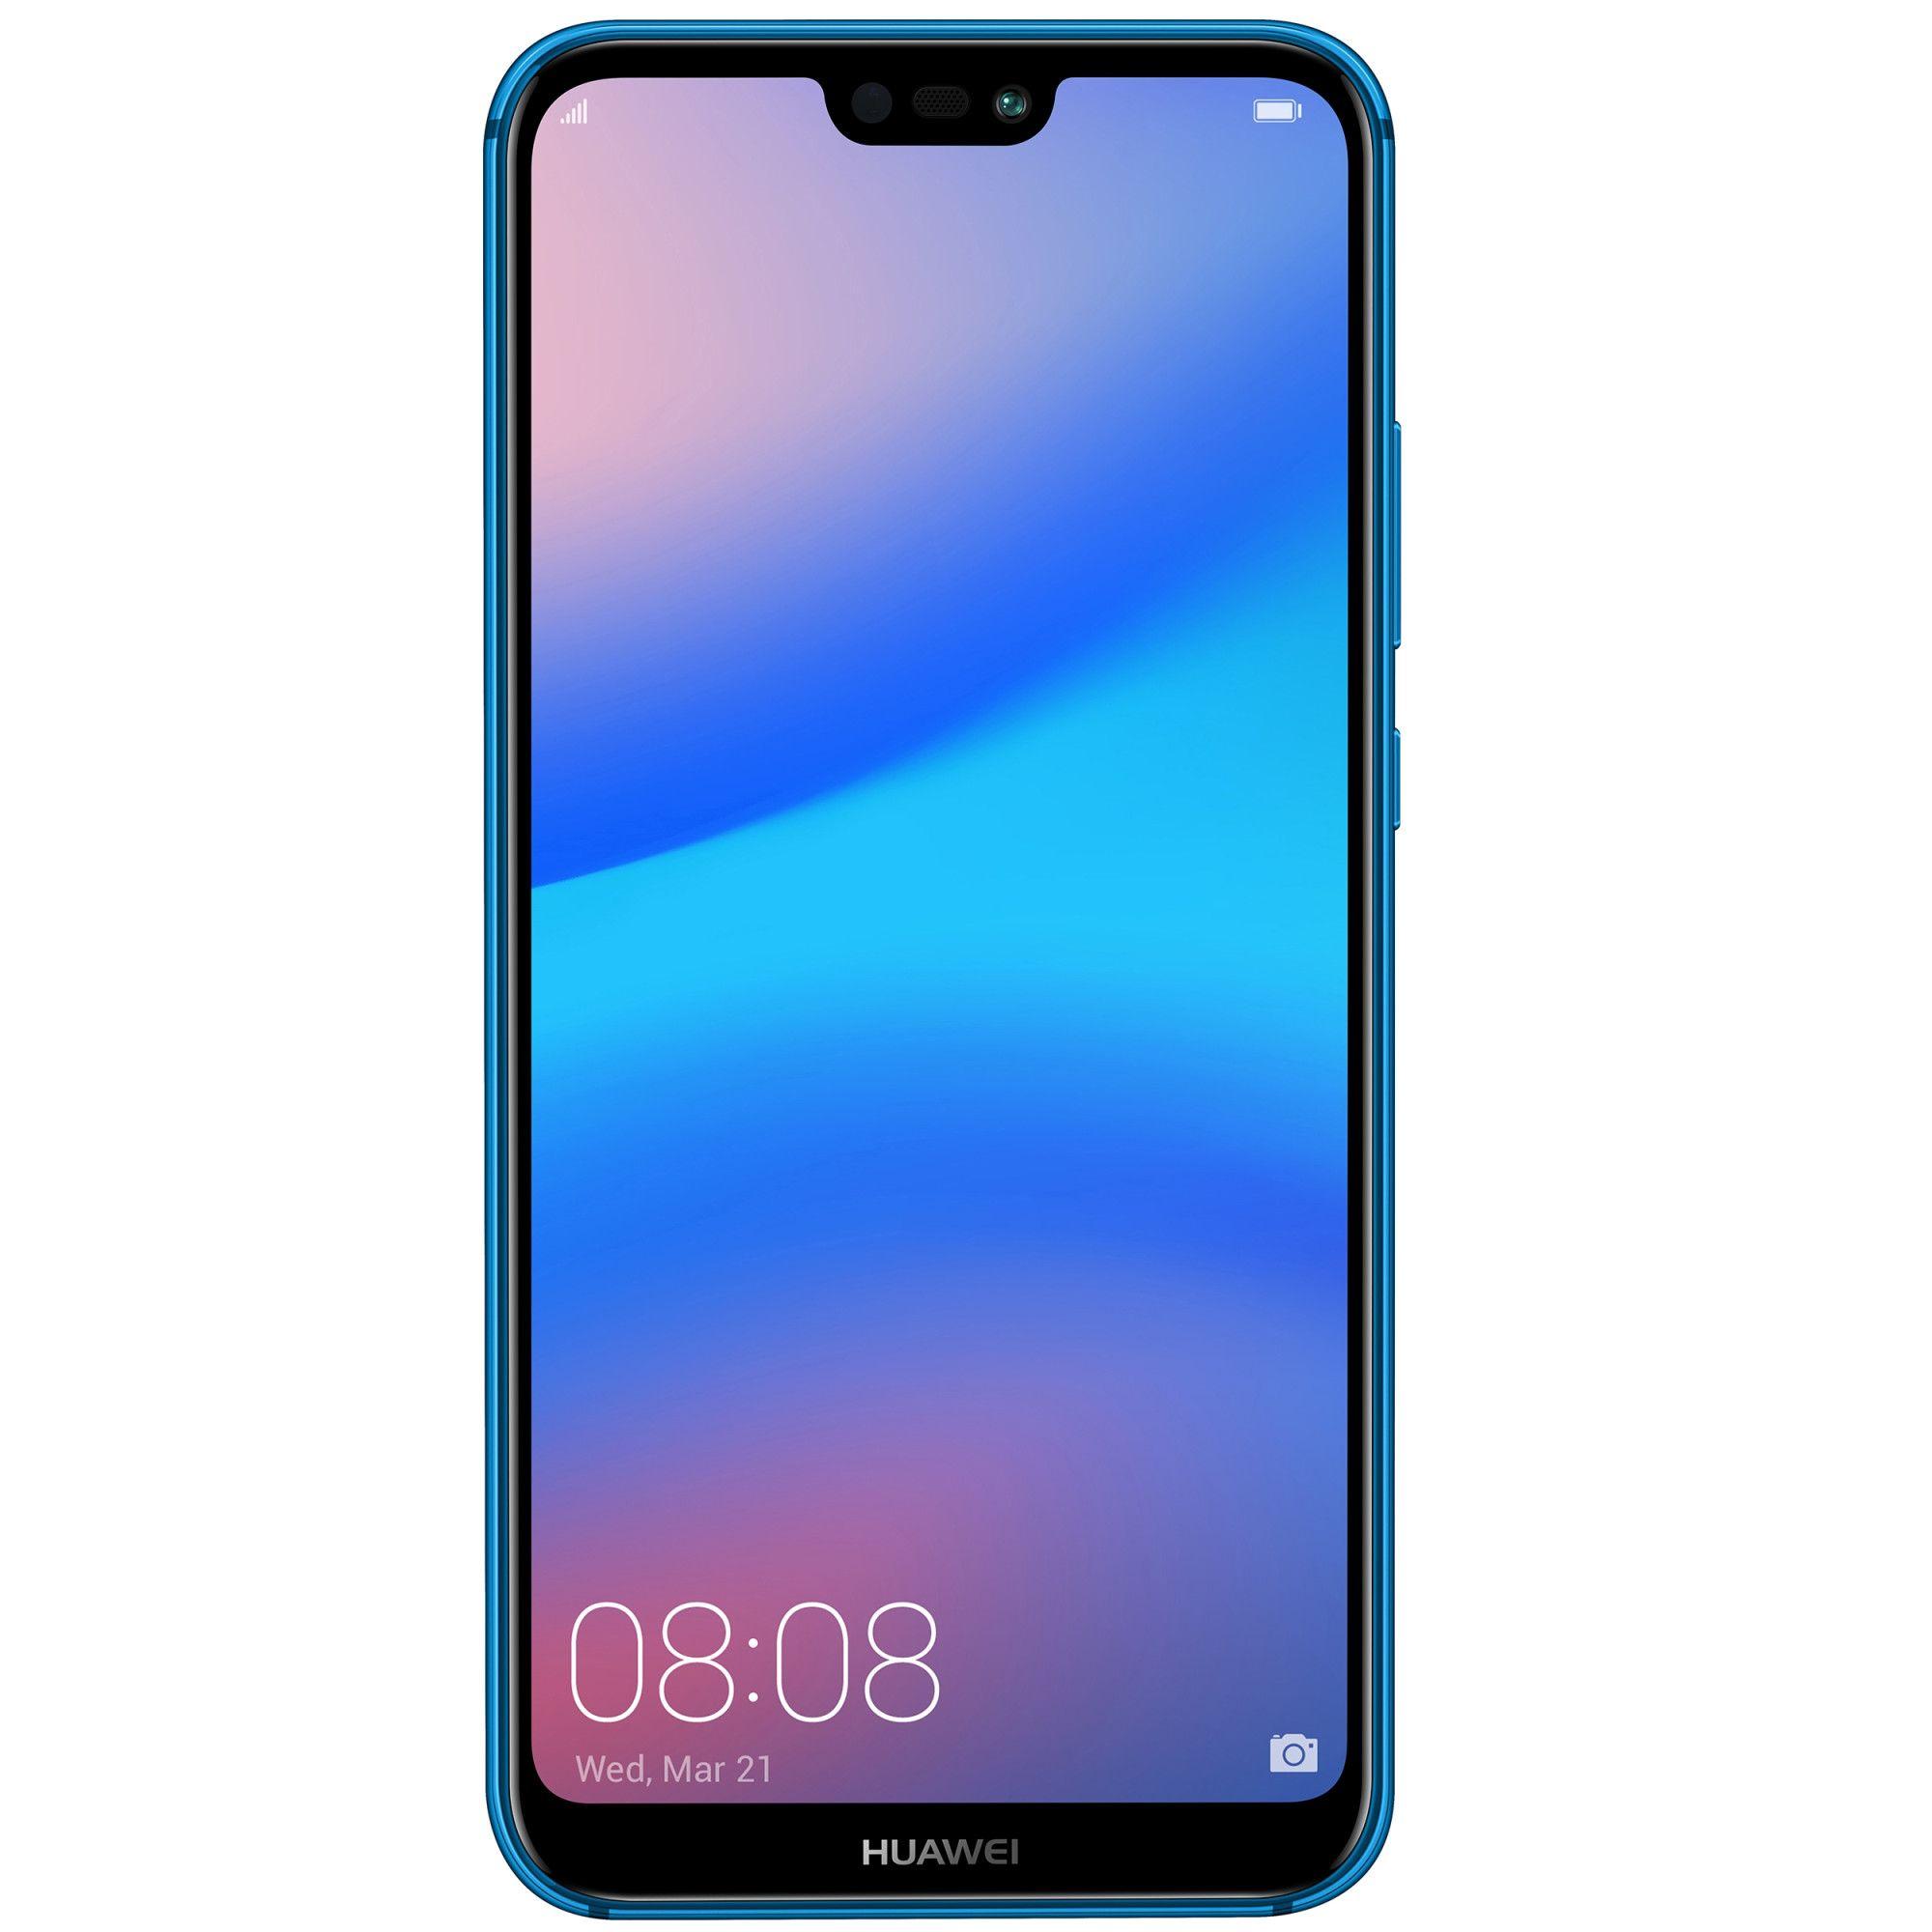 Telefon Mobil Huawei P20 Lite 64GB Flash 4GB RAM Dual SIM 4G Klein Blue